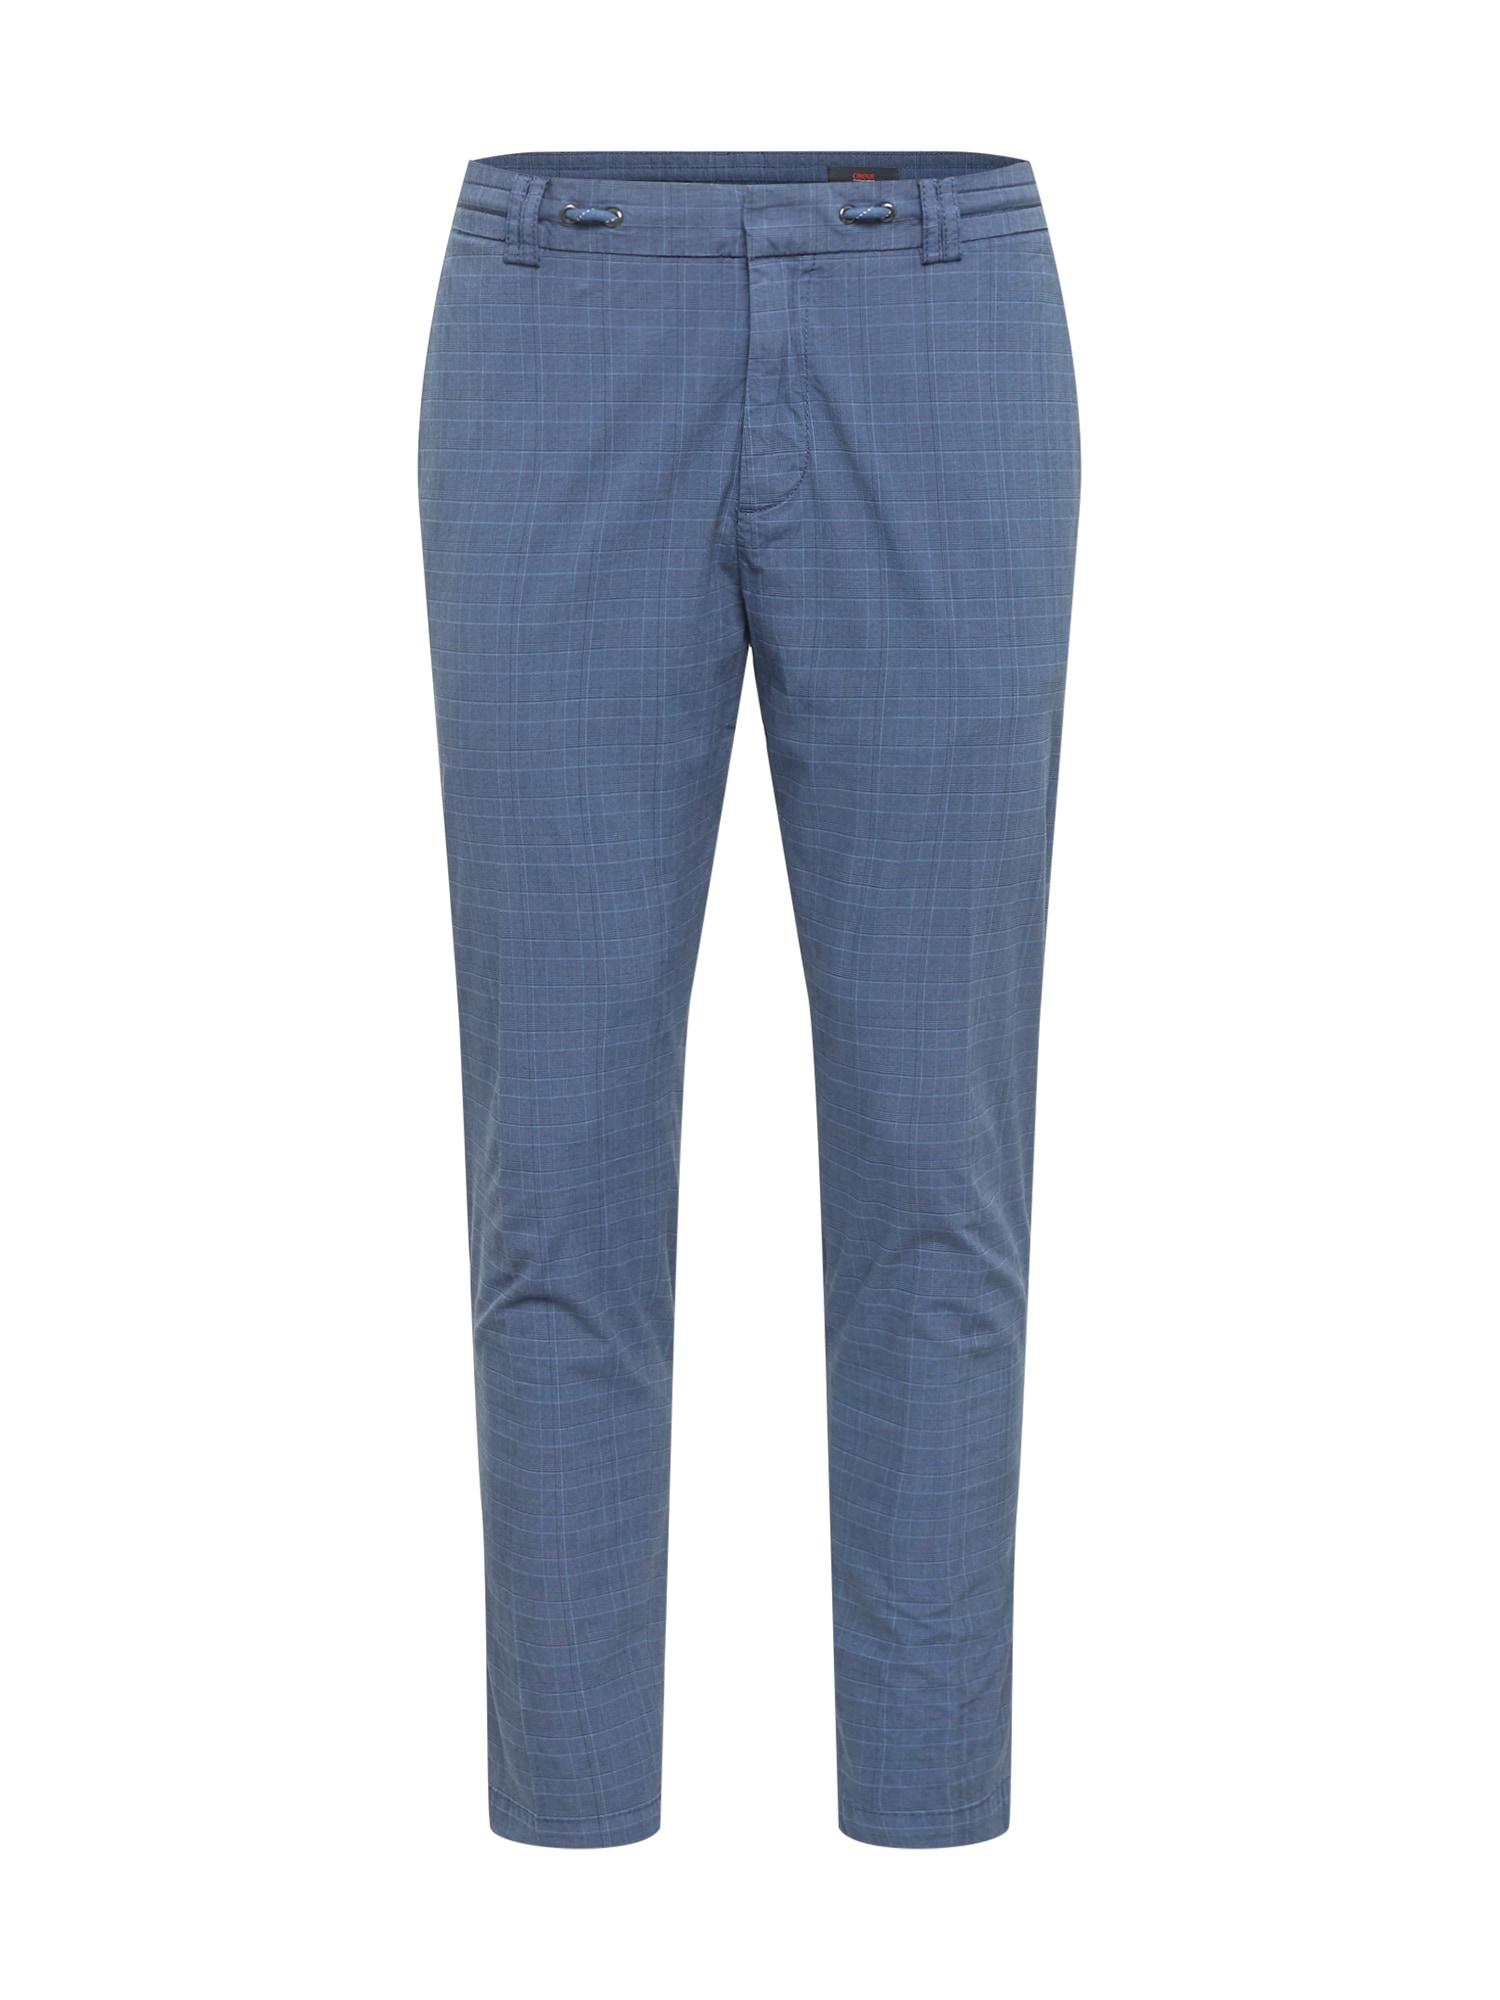 CINQUE Chino kalhoty 'JUNO'  modrá / tmavě modrá